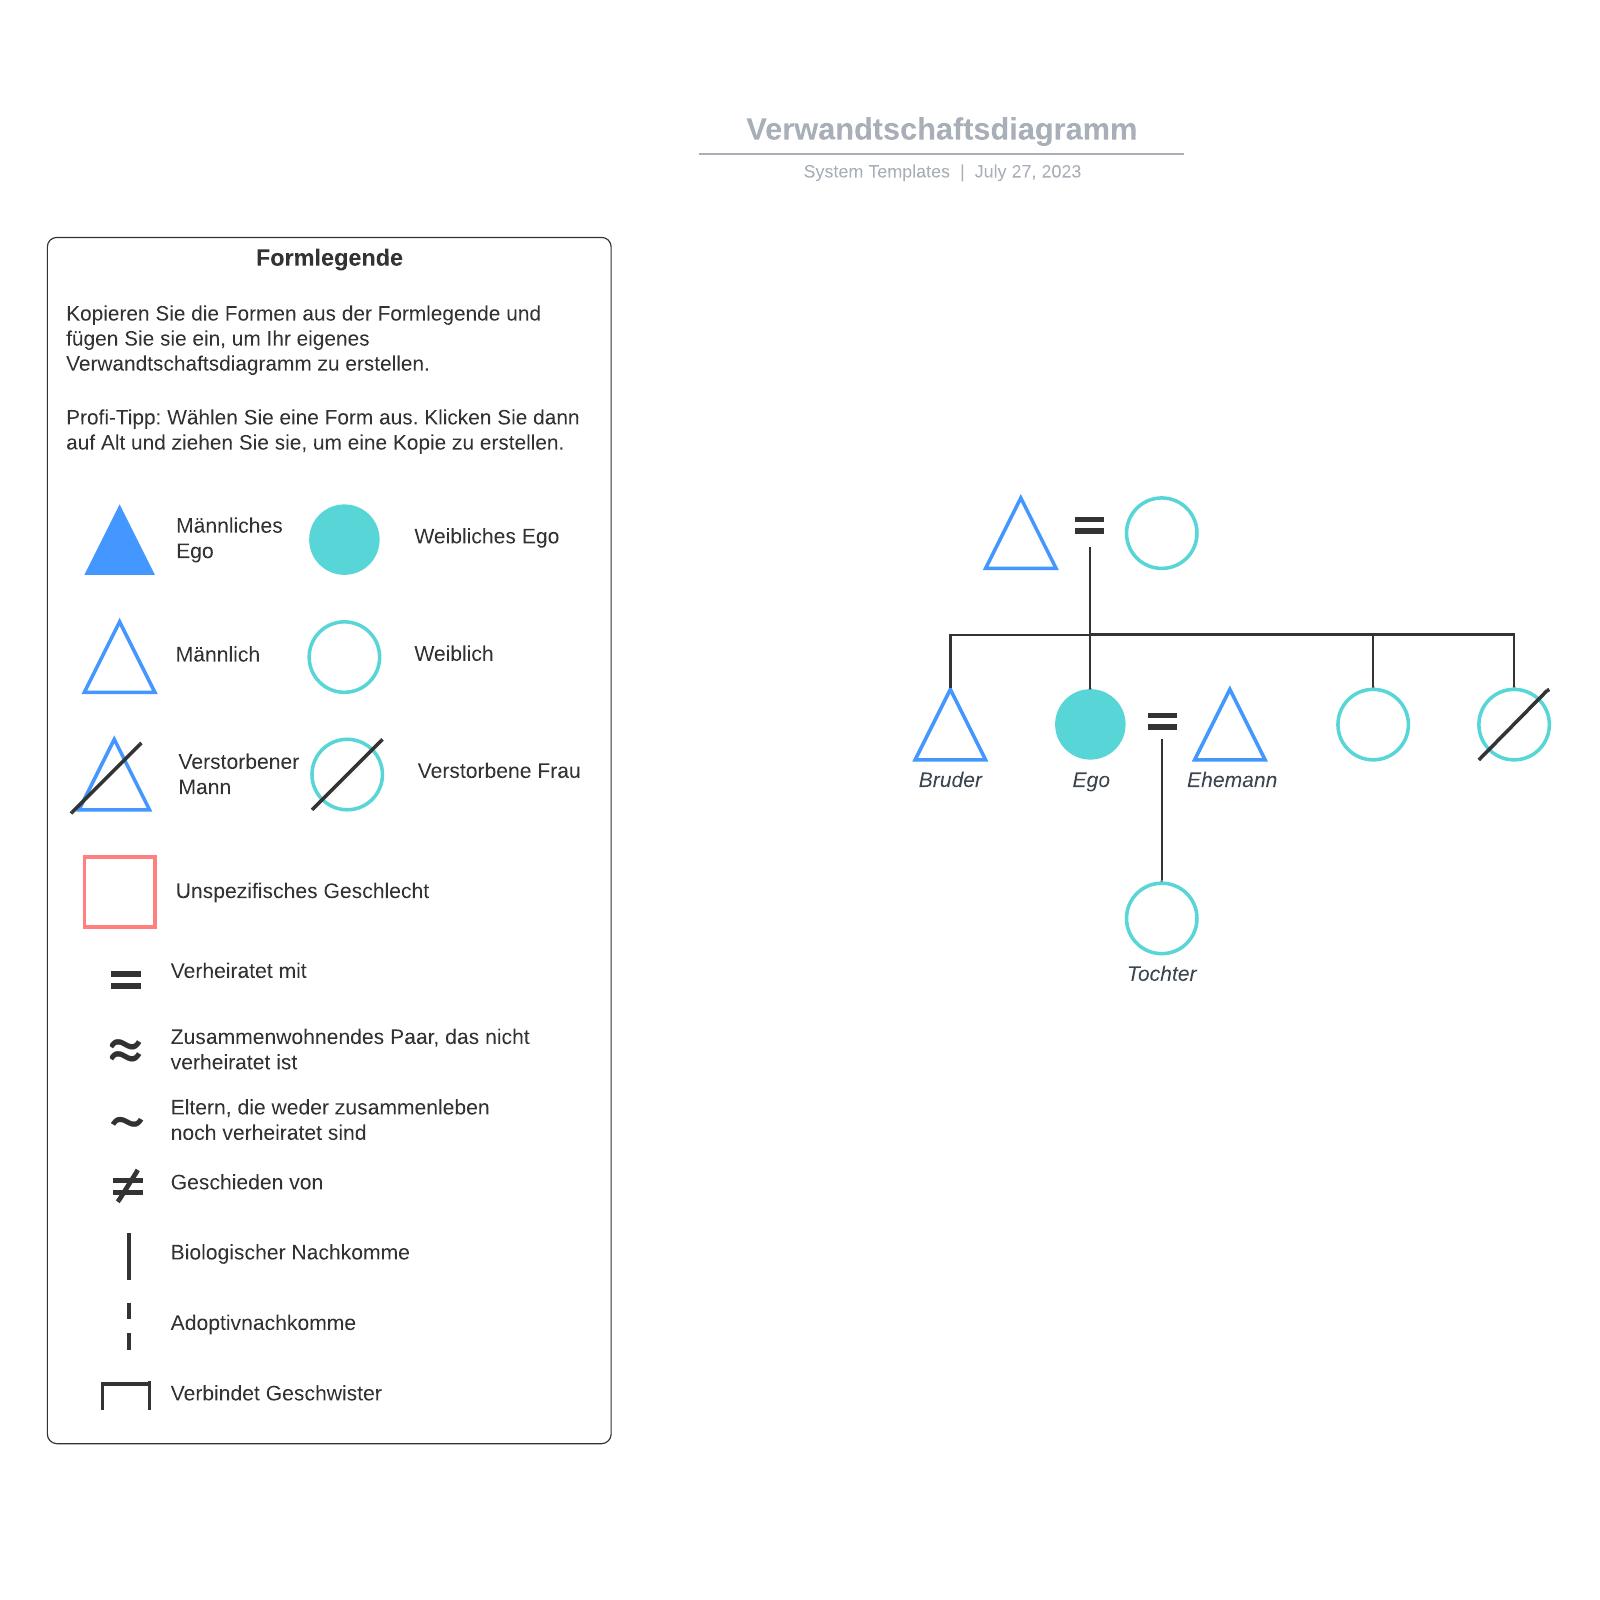 Verwandtschaftsdiagramm Vorlage